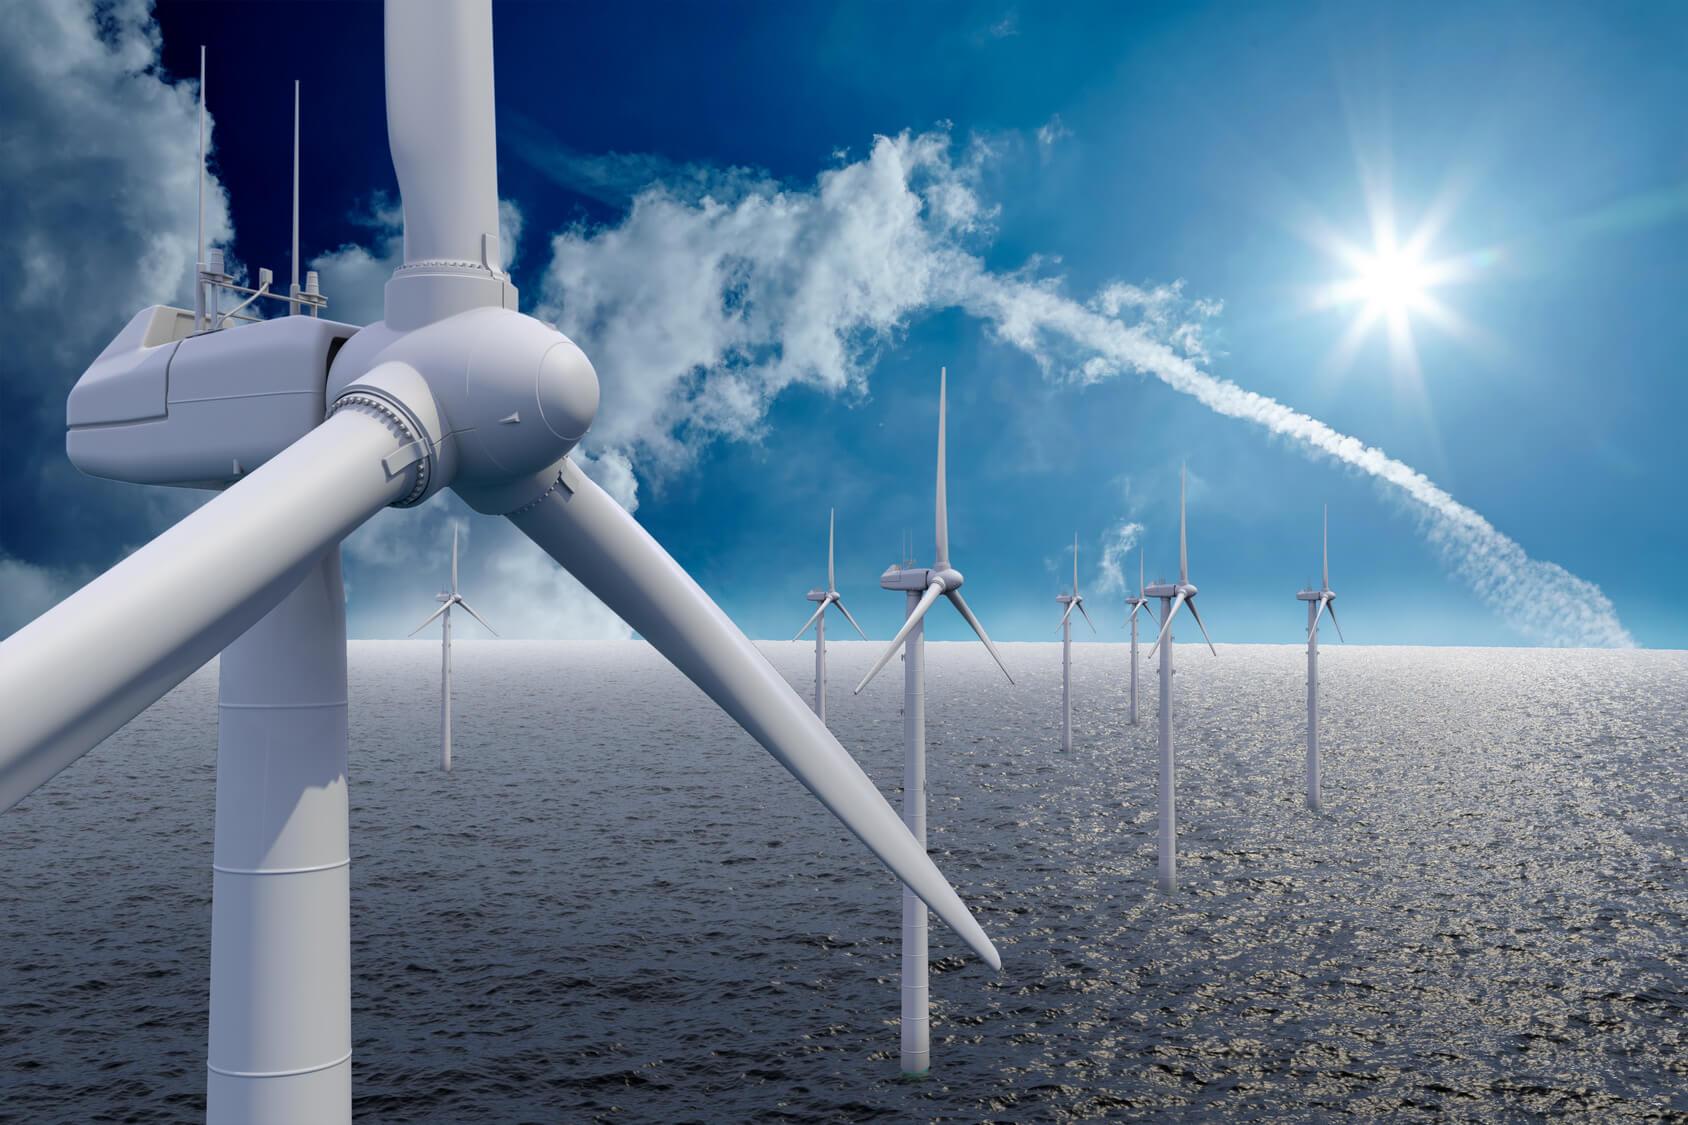 Óriás szélfarm épül Belgiumban